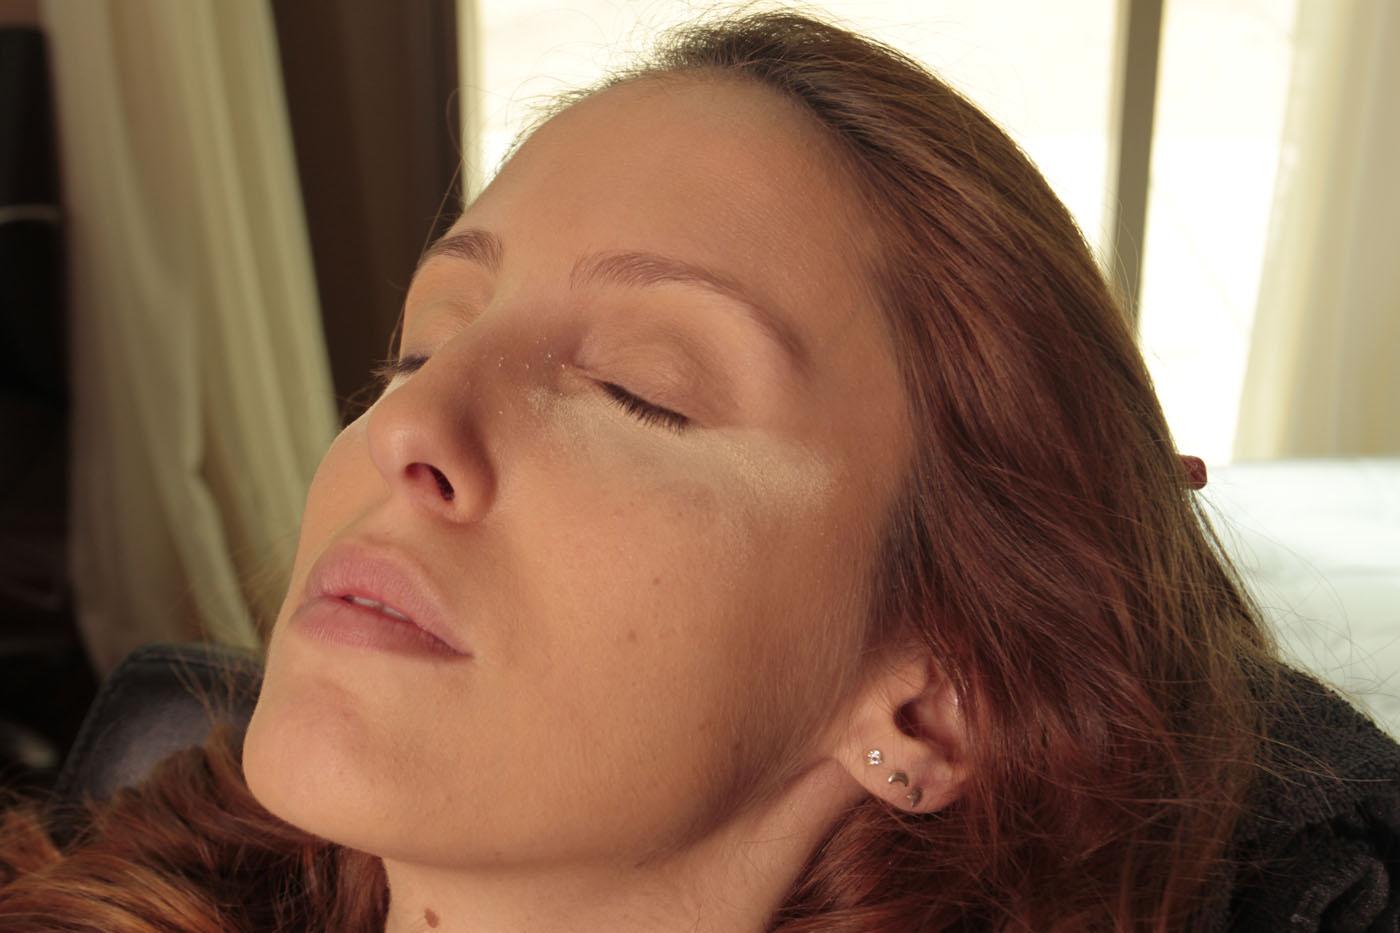 Depois coloque um iluminador abaixo dos olhos. Isso serve também para retirar o excesso da maquiagem após o término